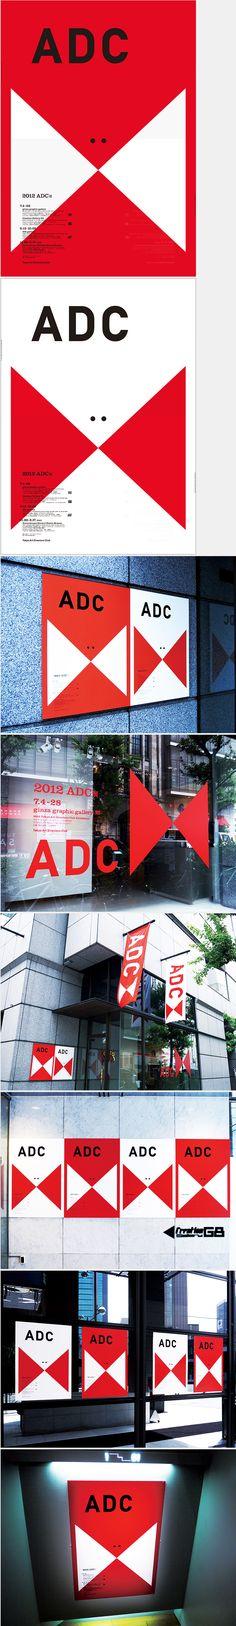 ADC2012 EXHIBITION